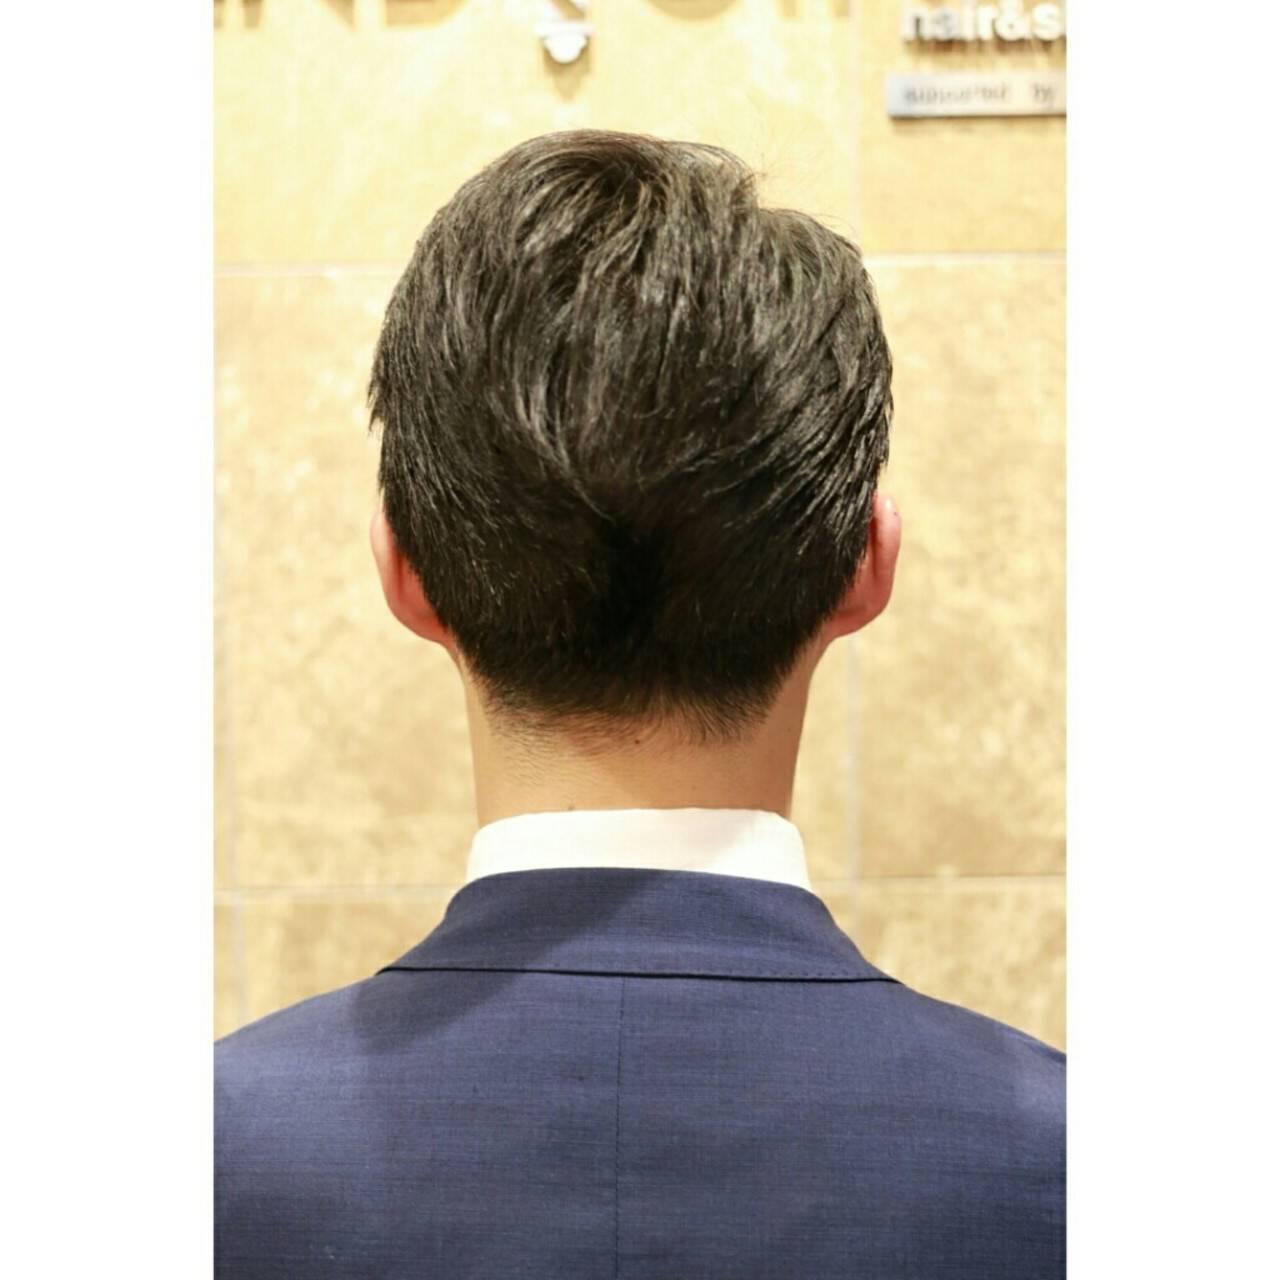 エレガント ショート 上品 メンズヘアスタイルや髪型の写真・画像